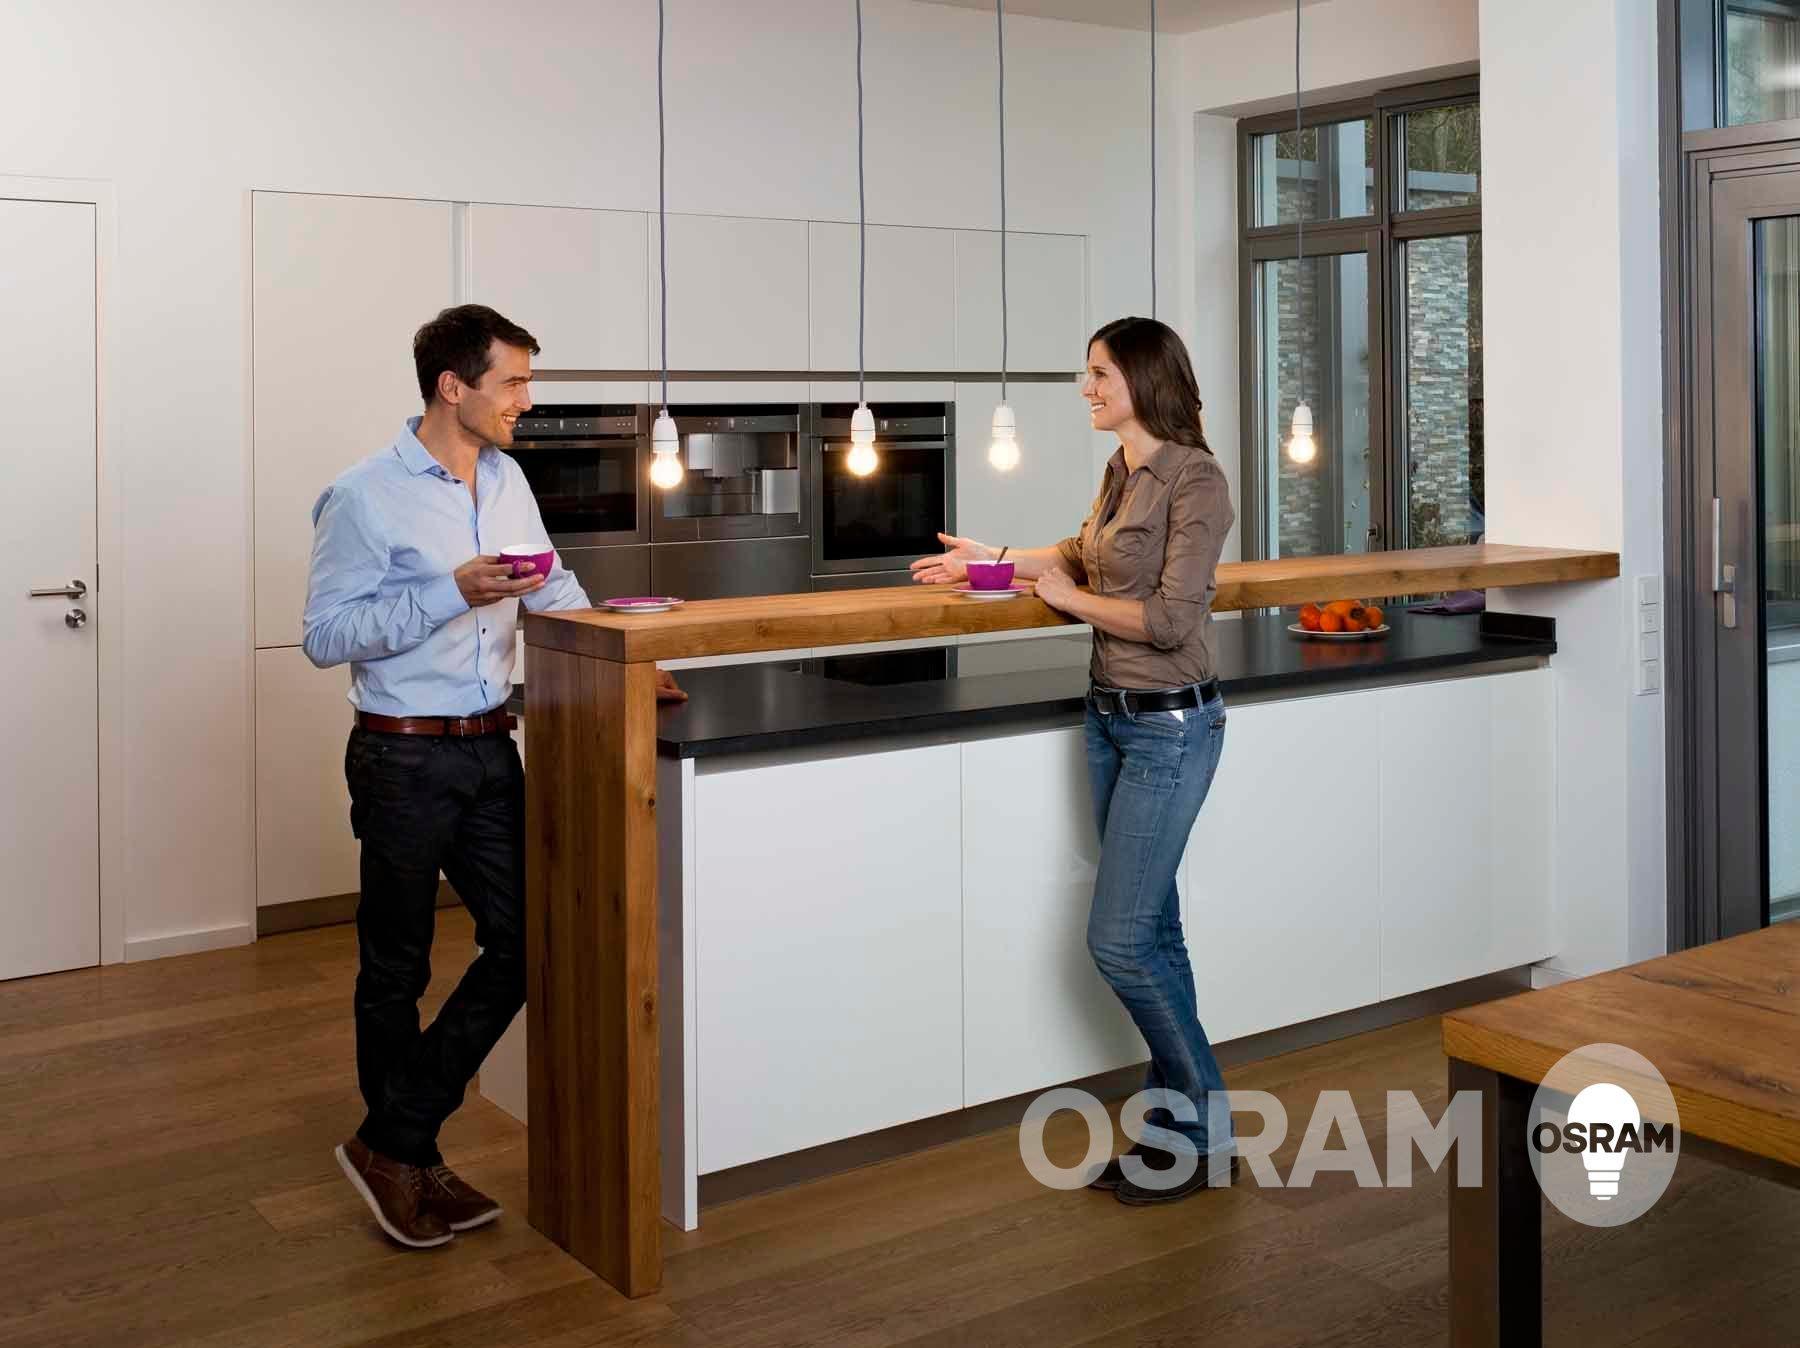 Morgens   Kaffee Trinken In Der Küche #küche #beleuchtung  #küchenbeleuchtung ©OSRAM